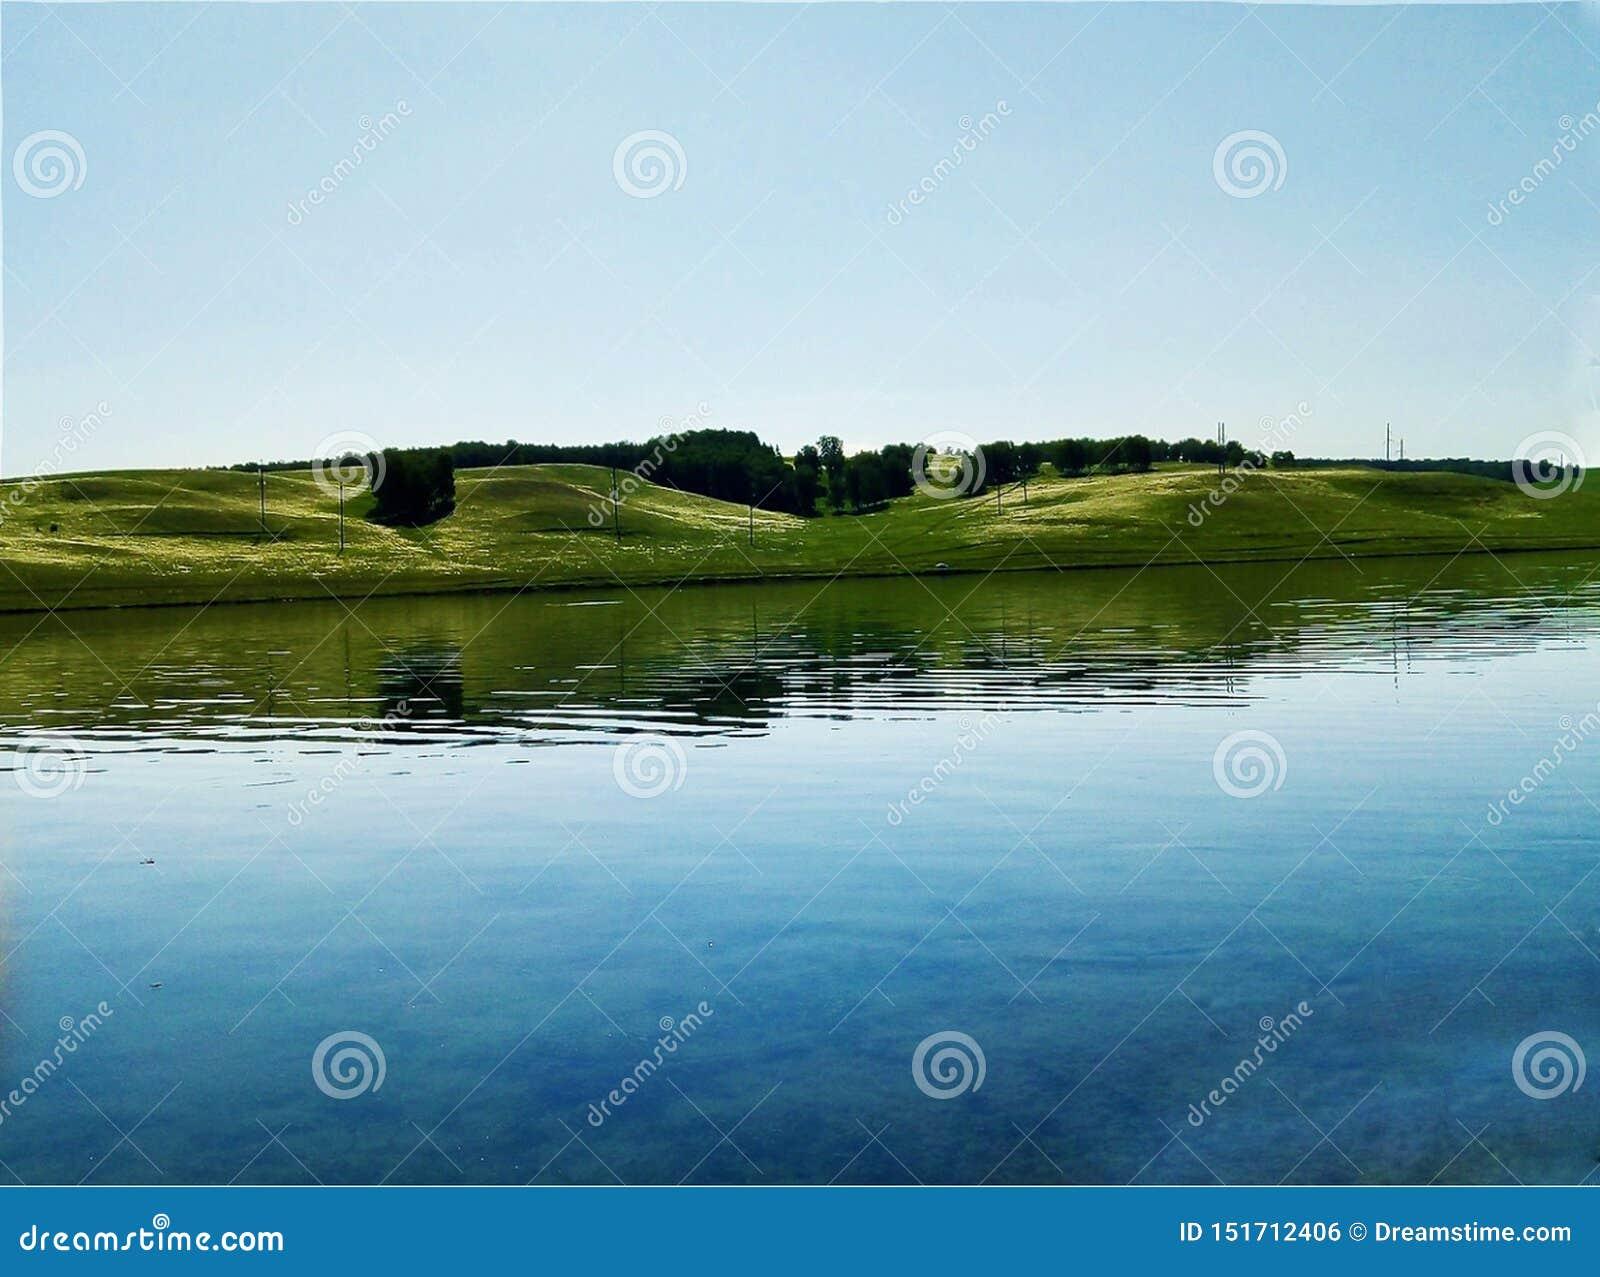 Λίμνη σε μια ήρεμη ακτή σε έναν λάμποντας οργιμένος ουρανό και ένα όμορφο τοπίο